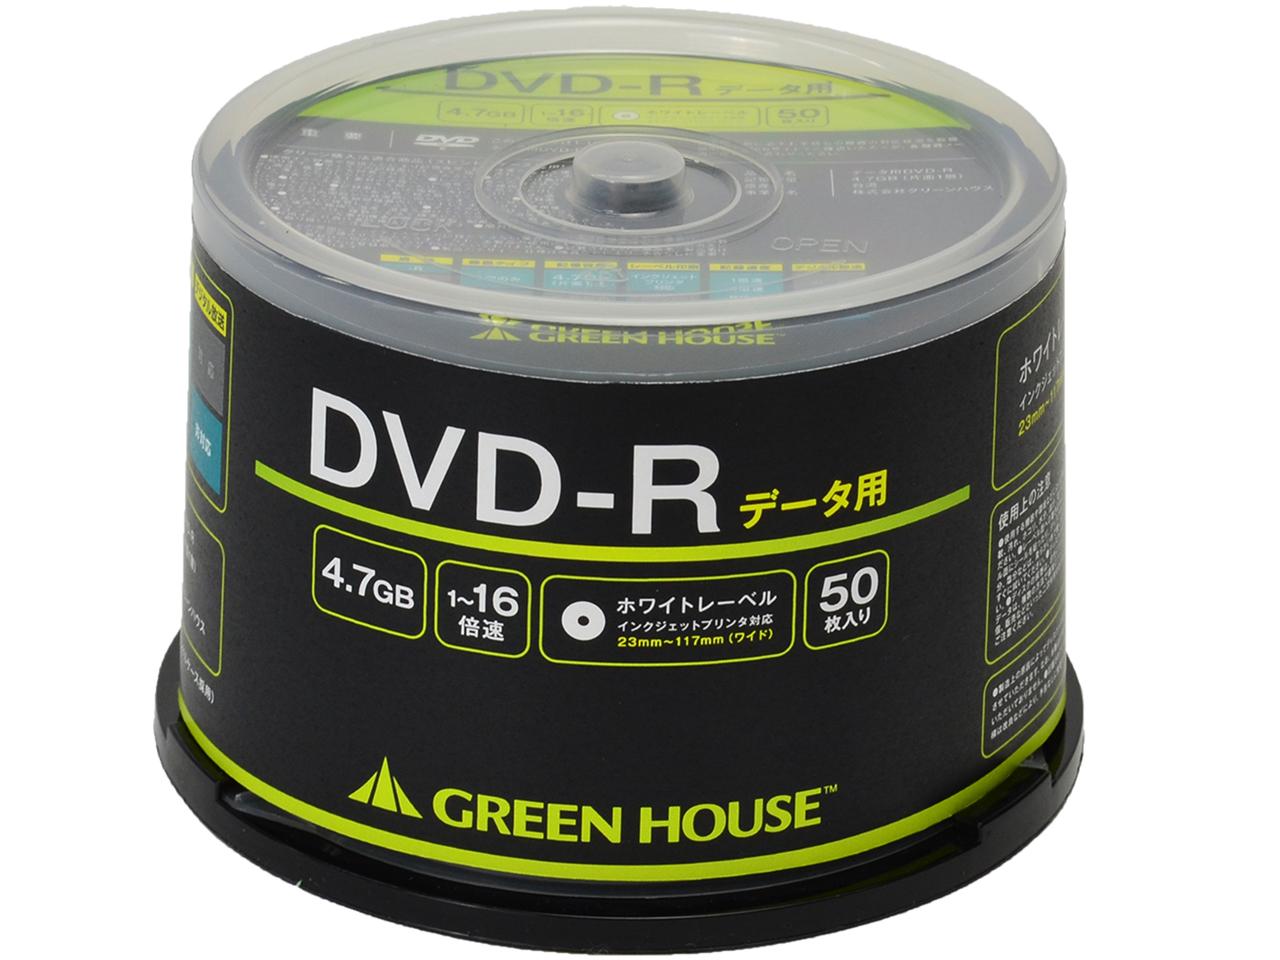 GH-DVDRDA50 [DVD-R 16倍速 50枚組]